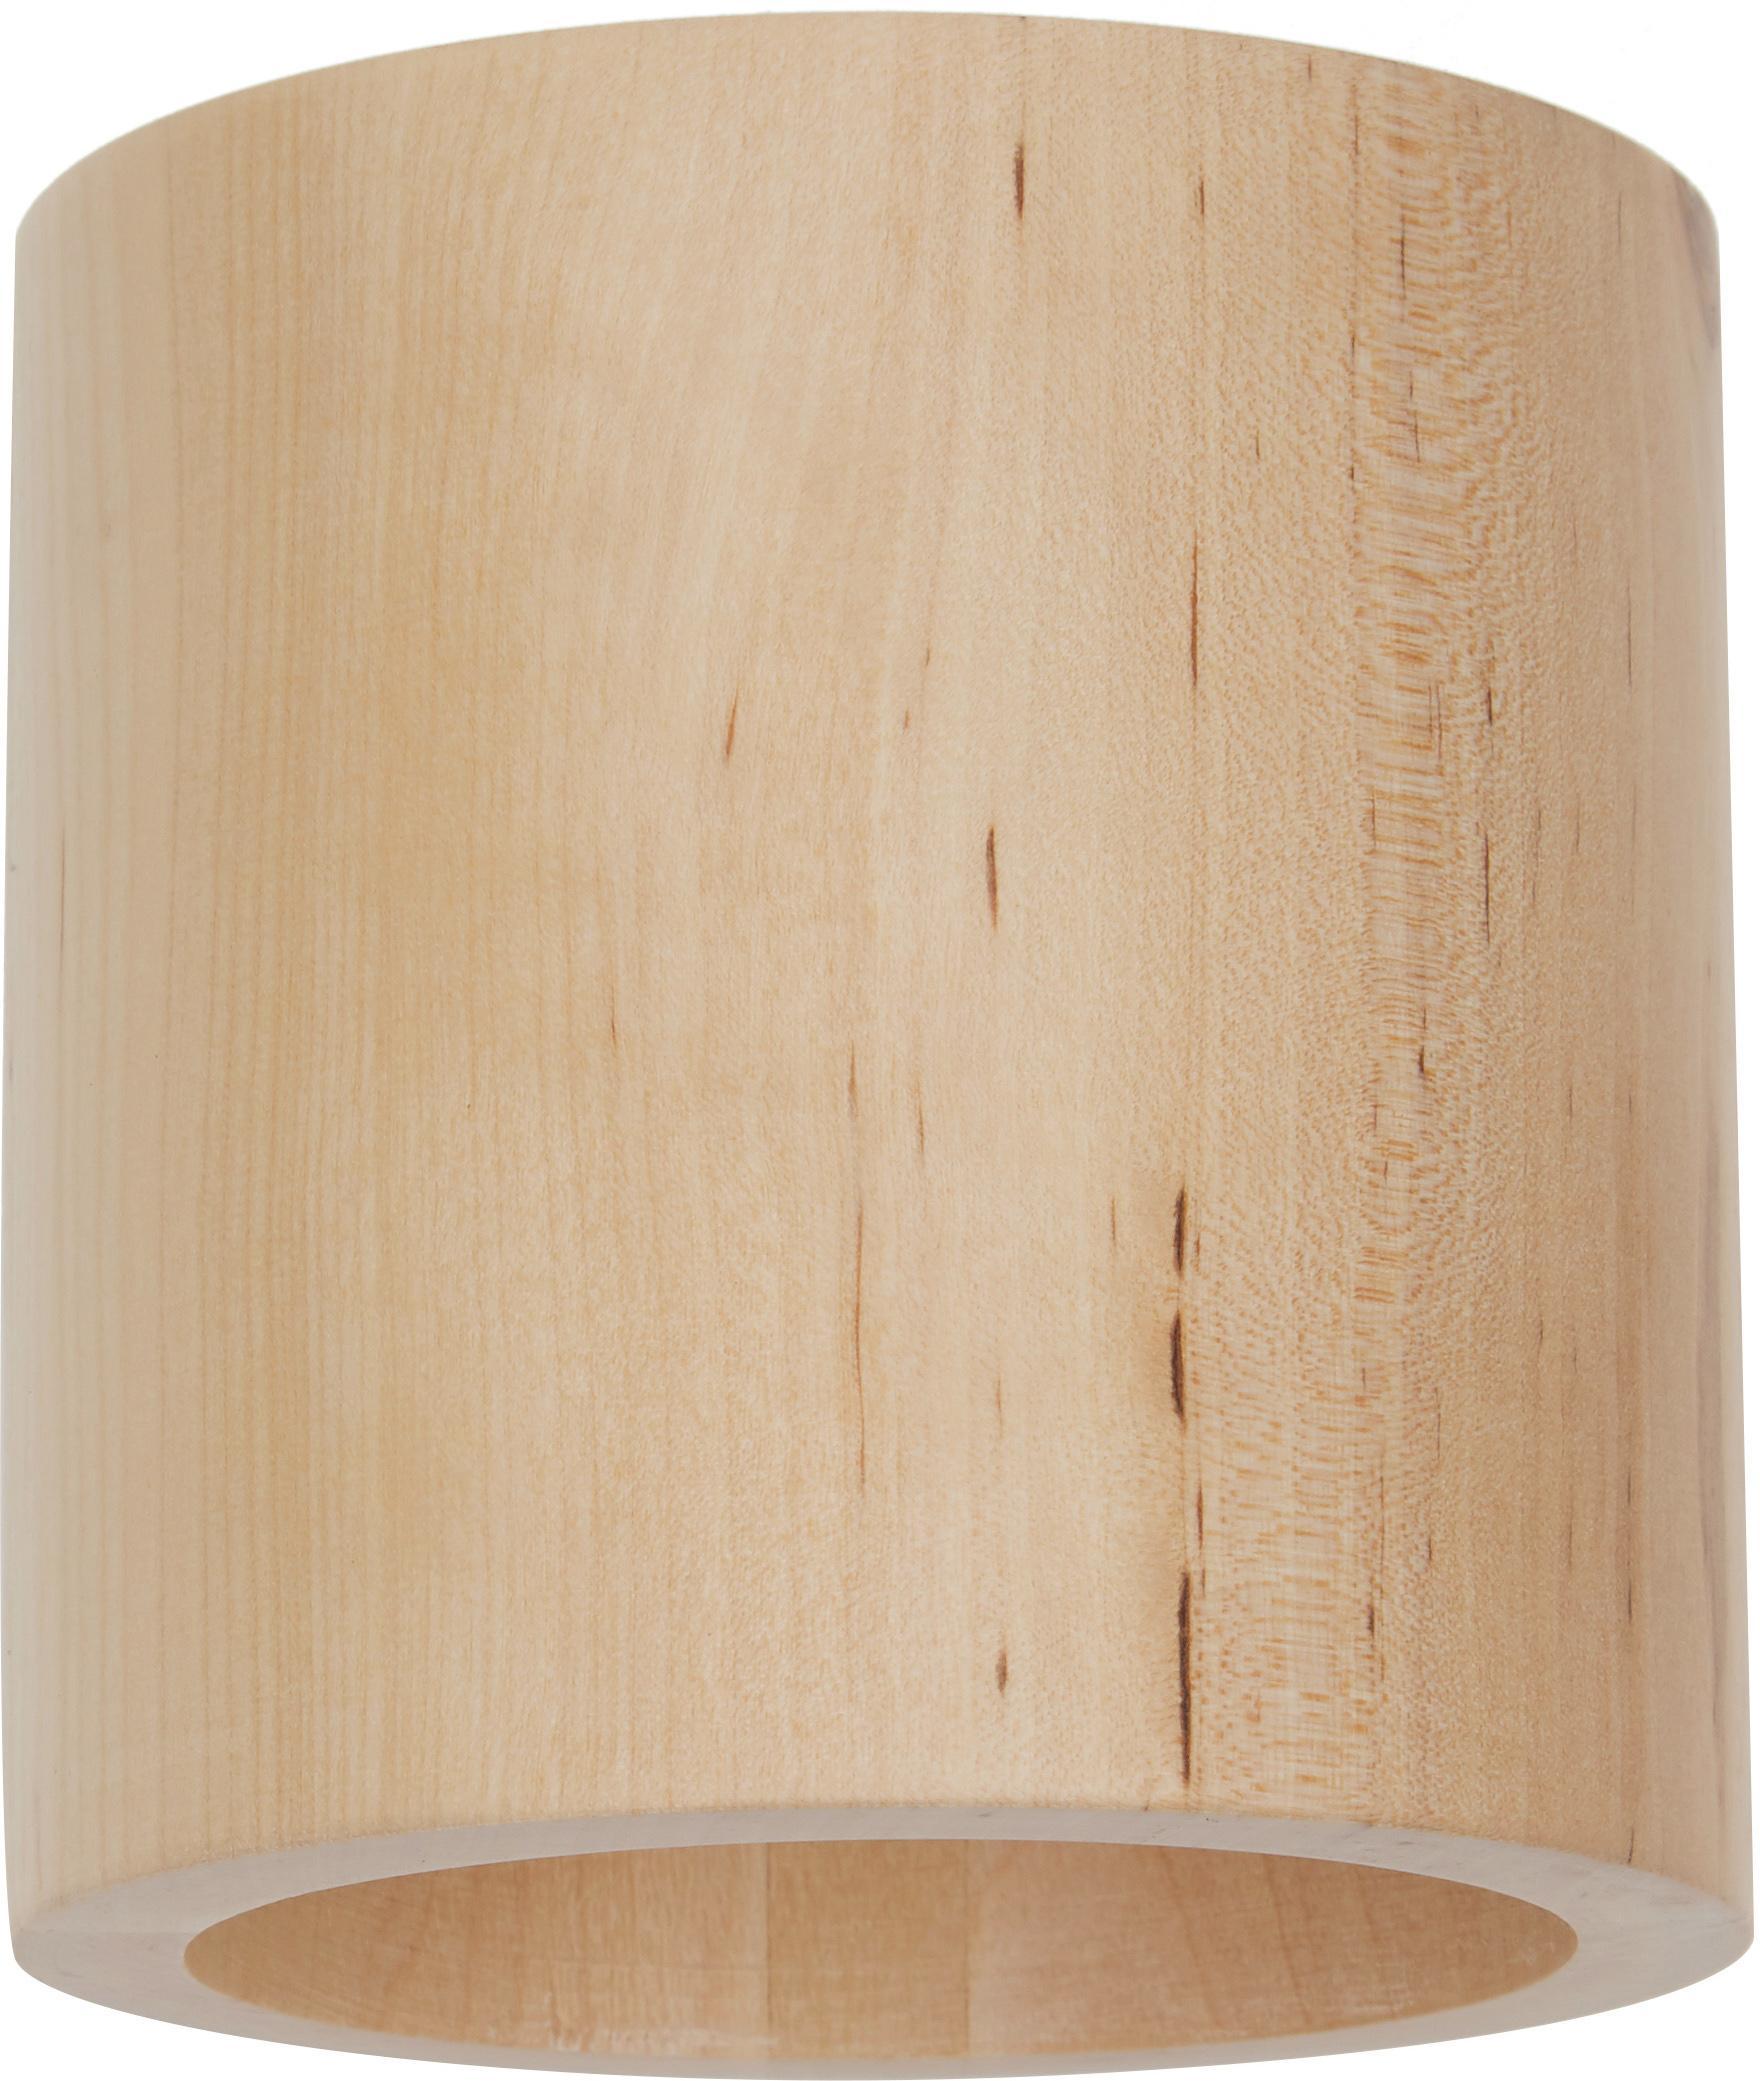 Applique in legno Roda, Legno, Marrone chiaro, Ø 10 x Alt. 12 cm